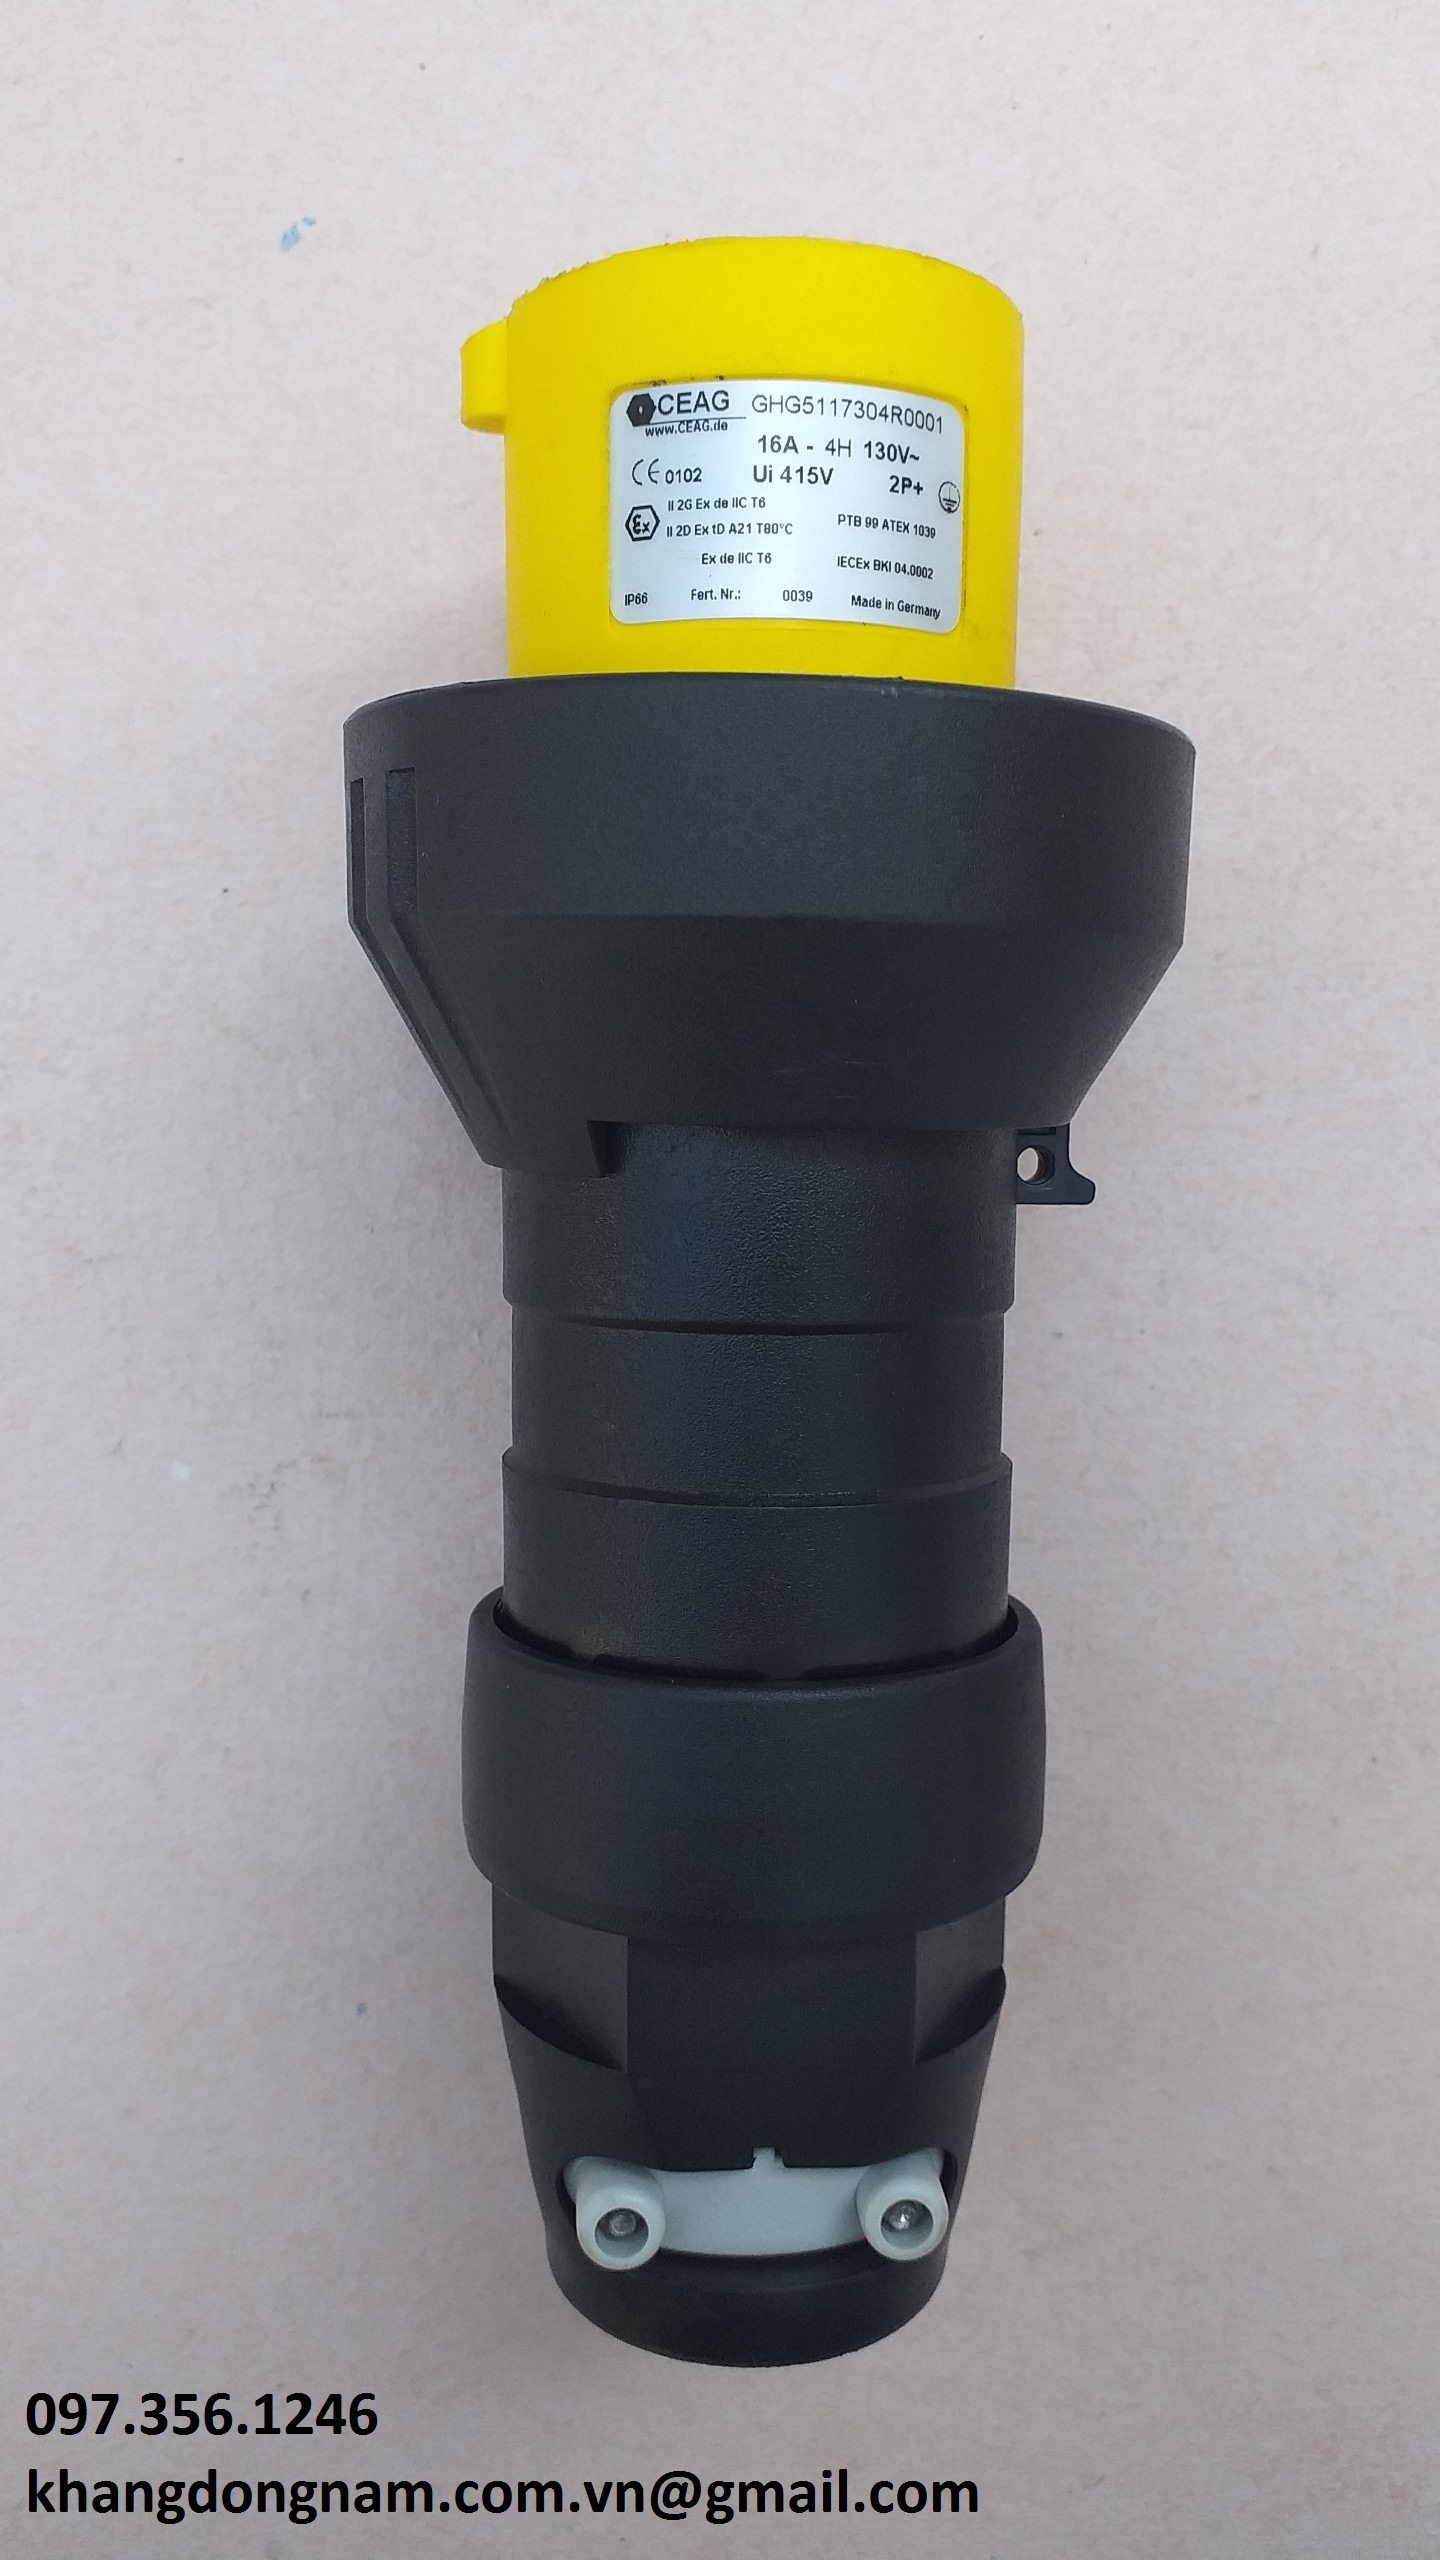 Phích cắm chống cháy nổ CEAG GHG5117304R0001 (3)